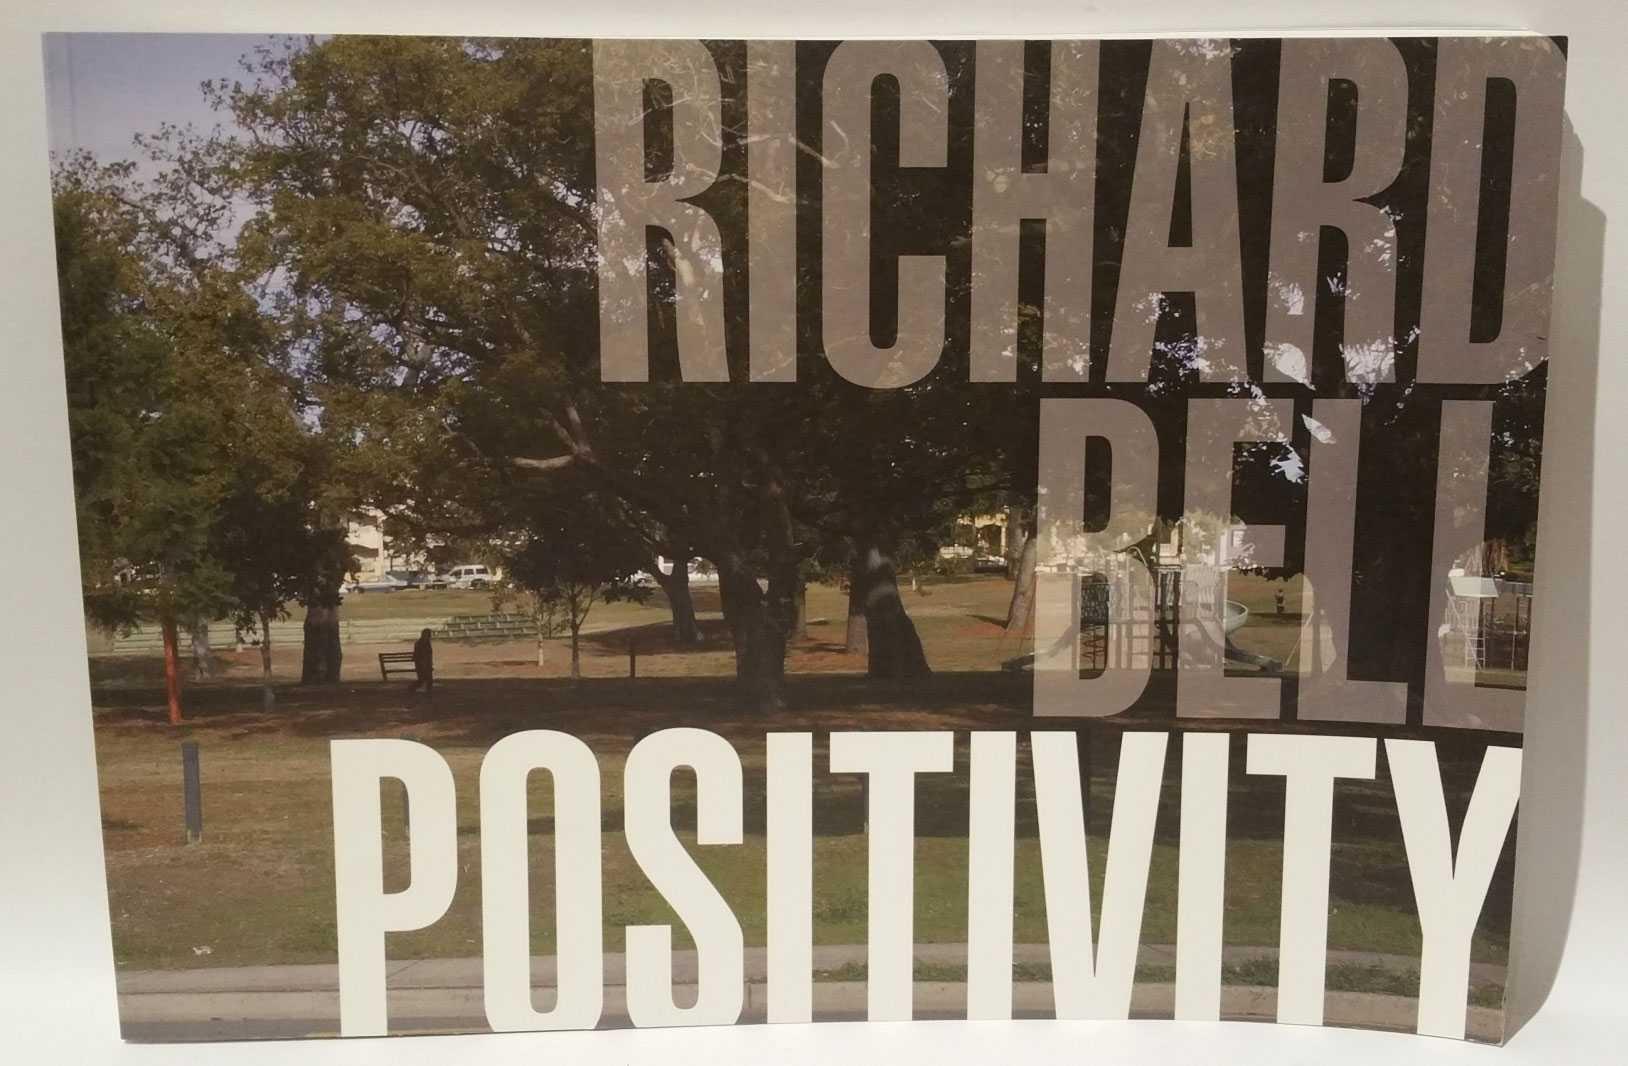 Richard Bell: Positivity, Richard Bell